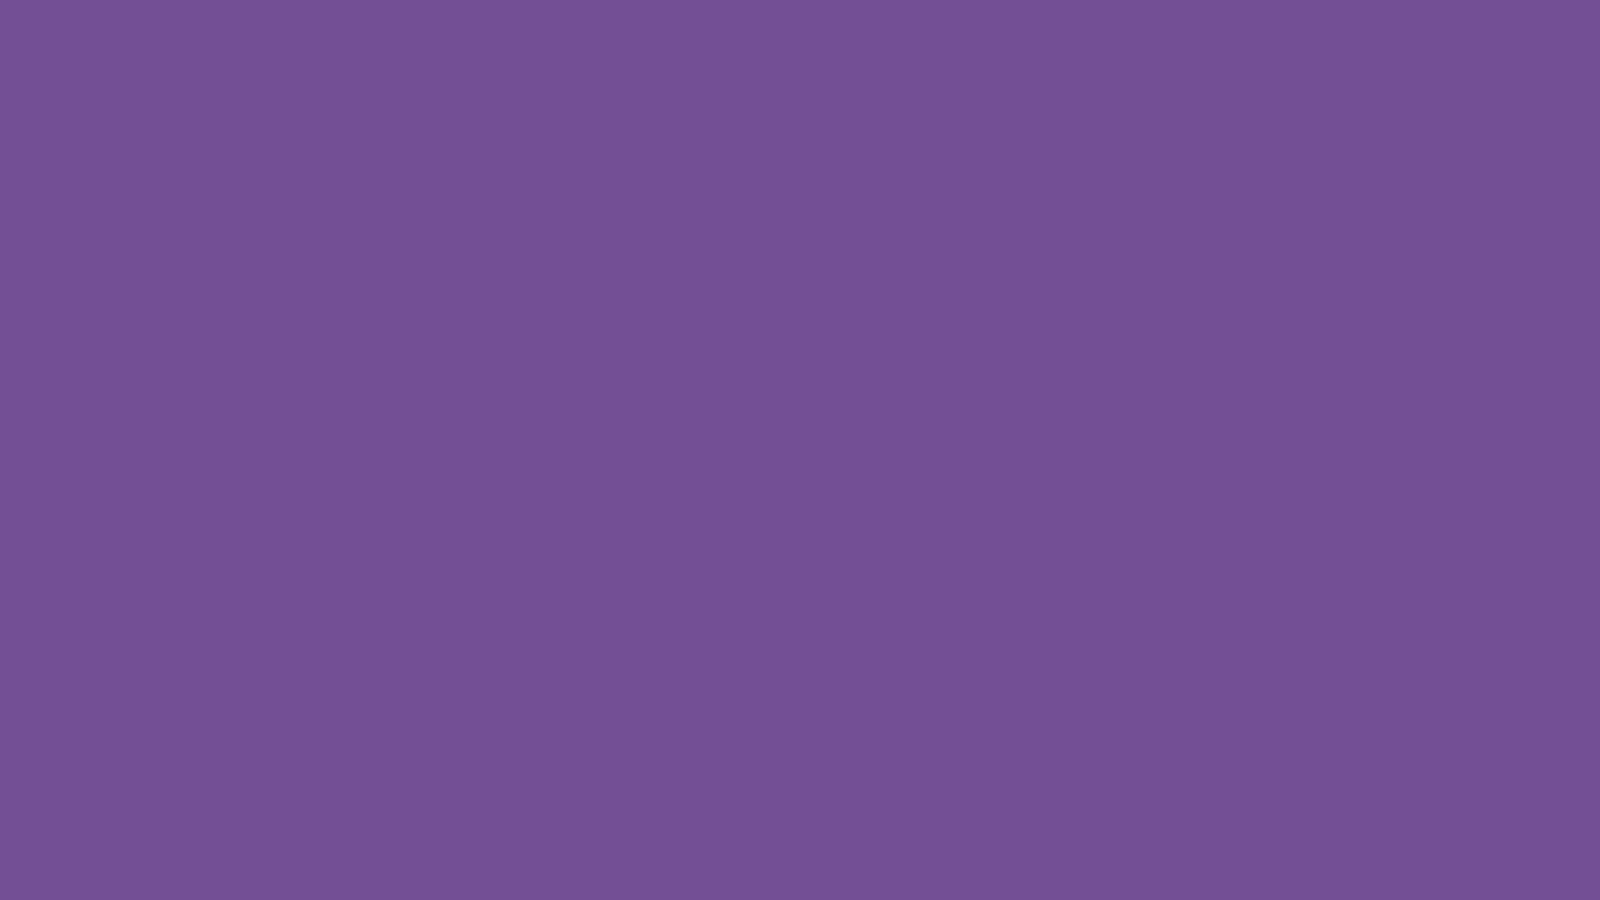 1600x900 Dark Lavender Solid Color Background